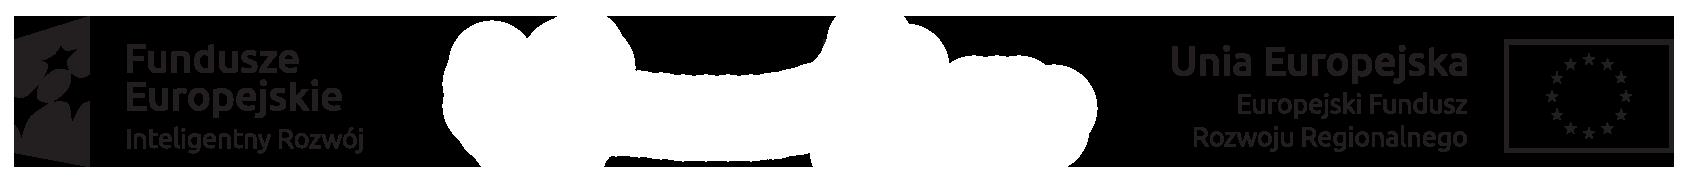 logotypy-fundusze-europejskie-unia-europejska